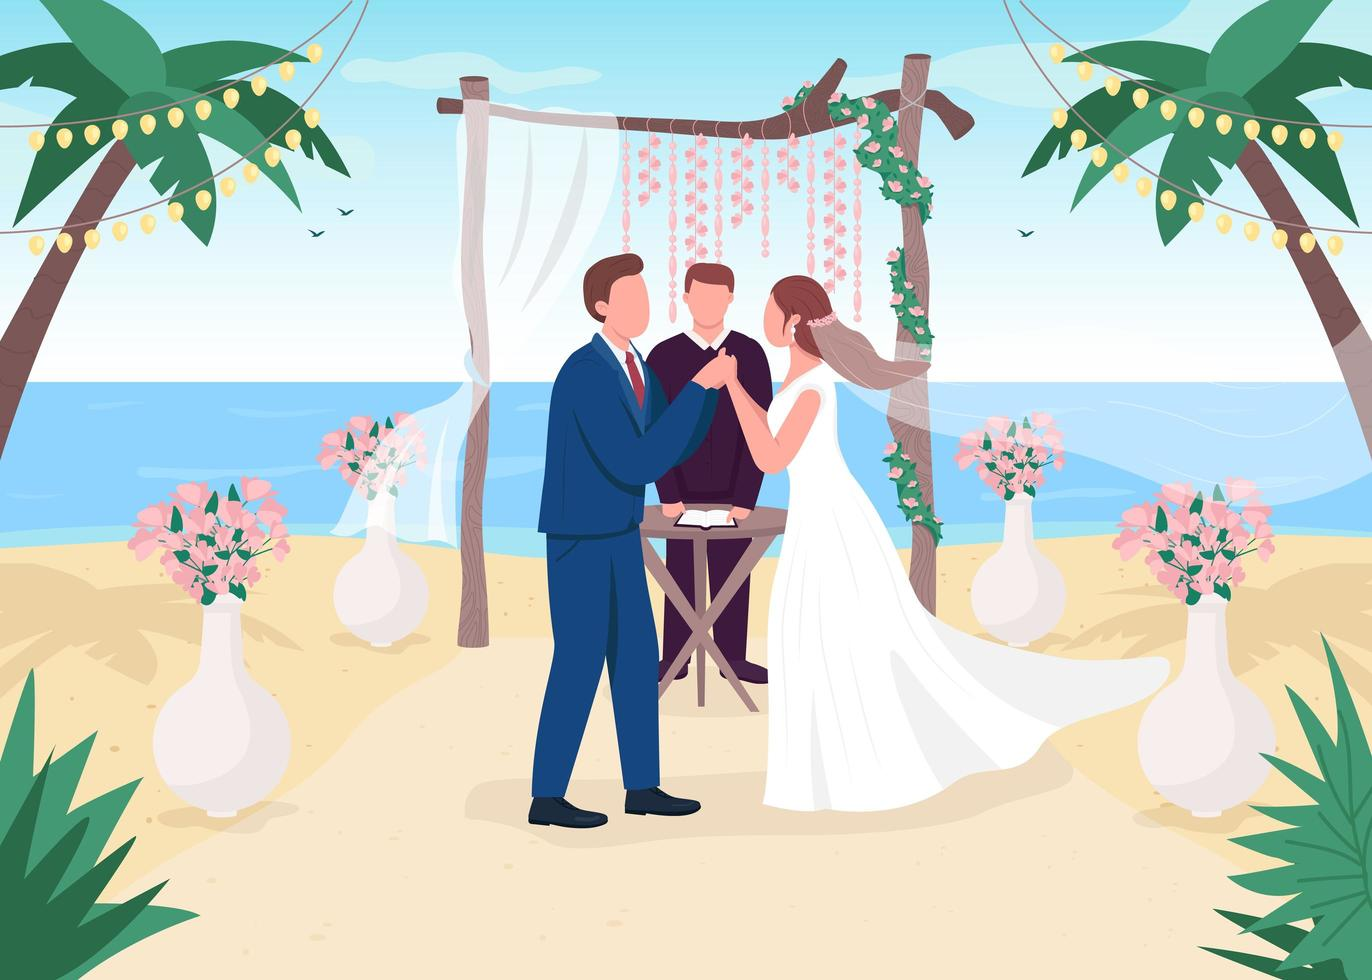 tropische huwelijksceremonie vector